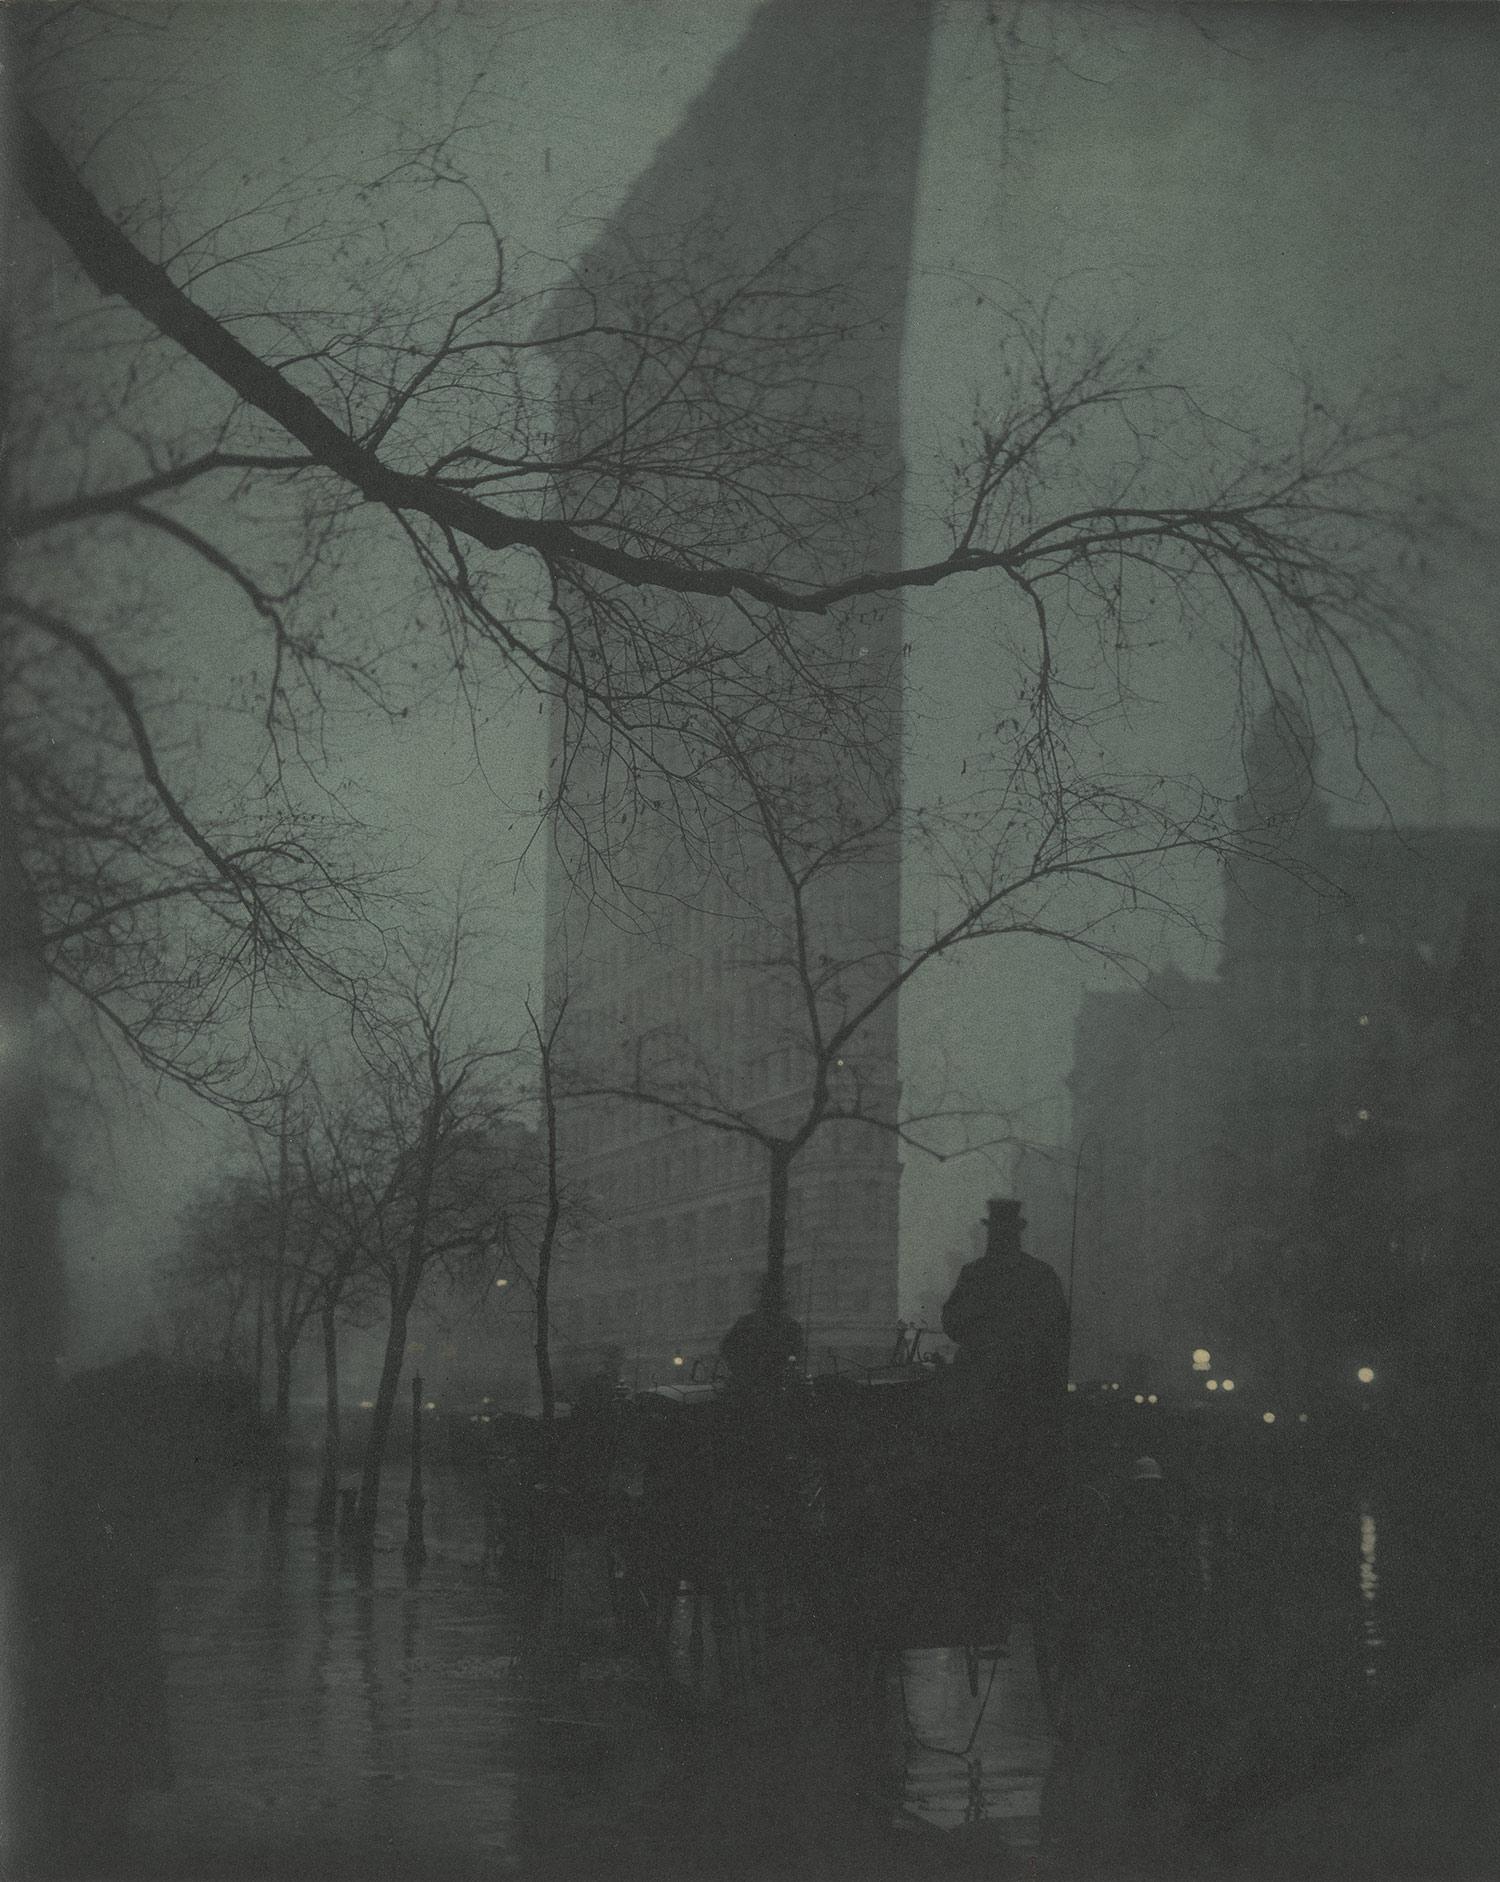 The Flatiron Building, by Edward Steichen, 1904